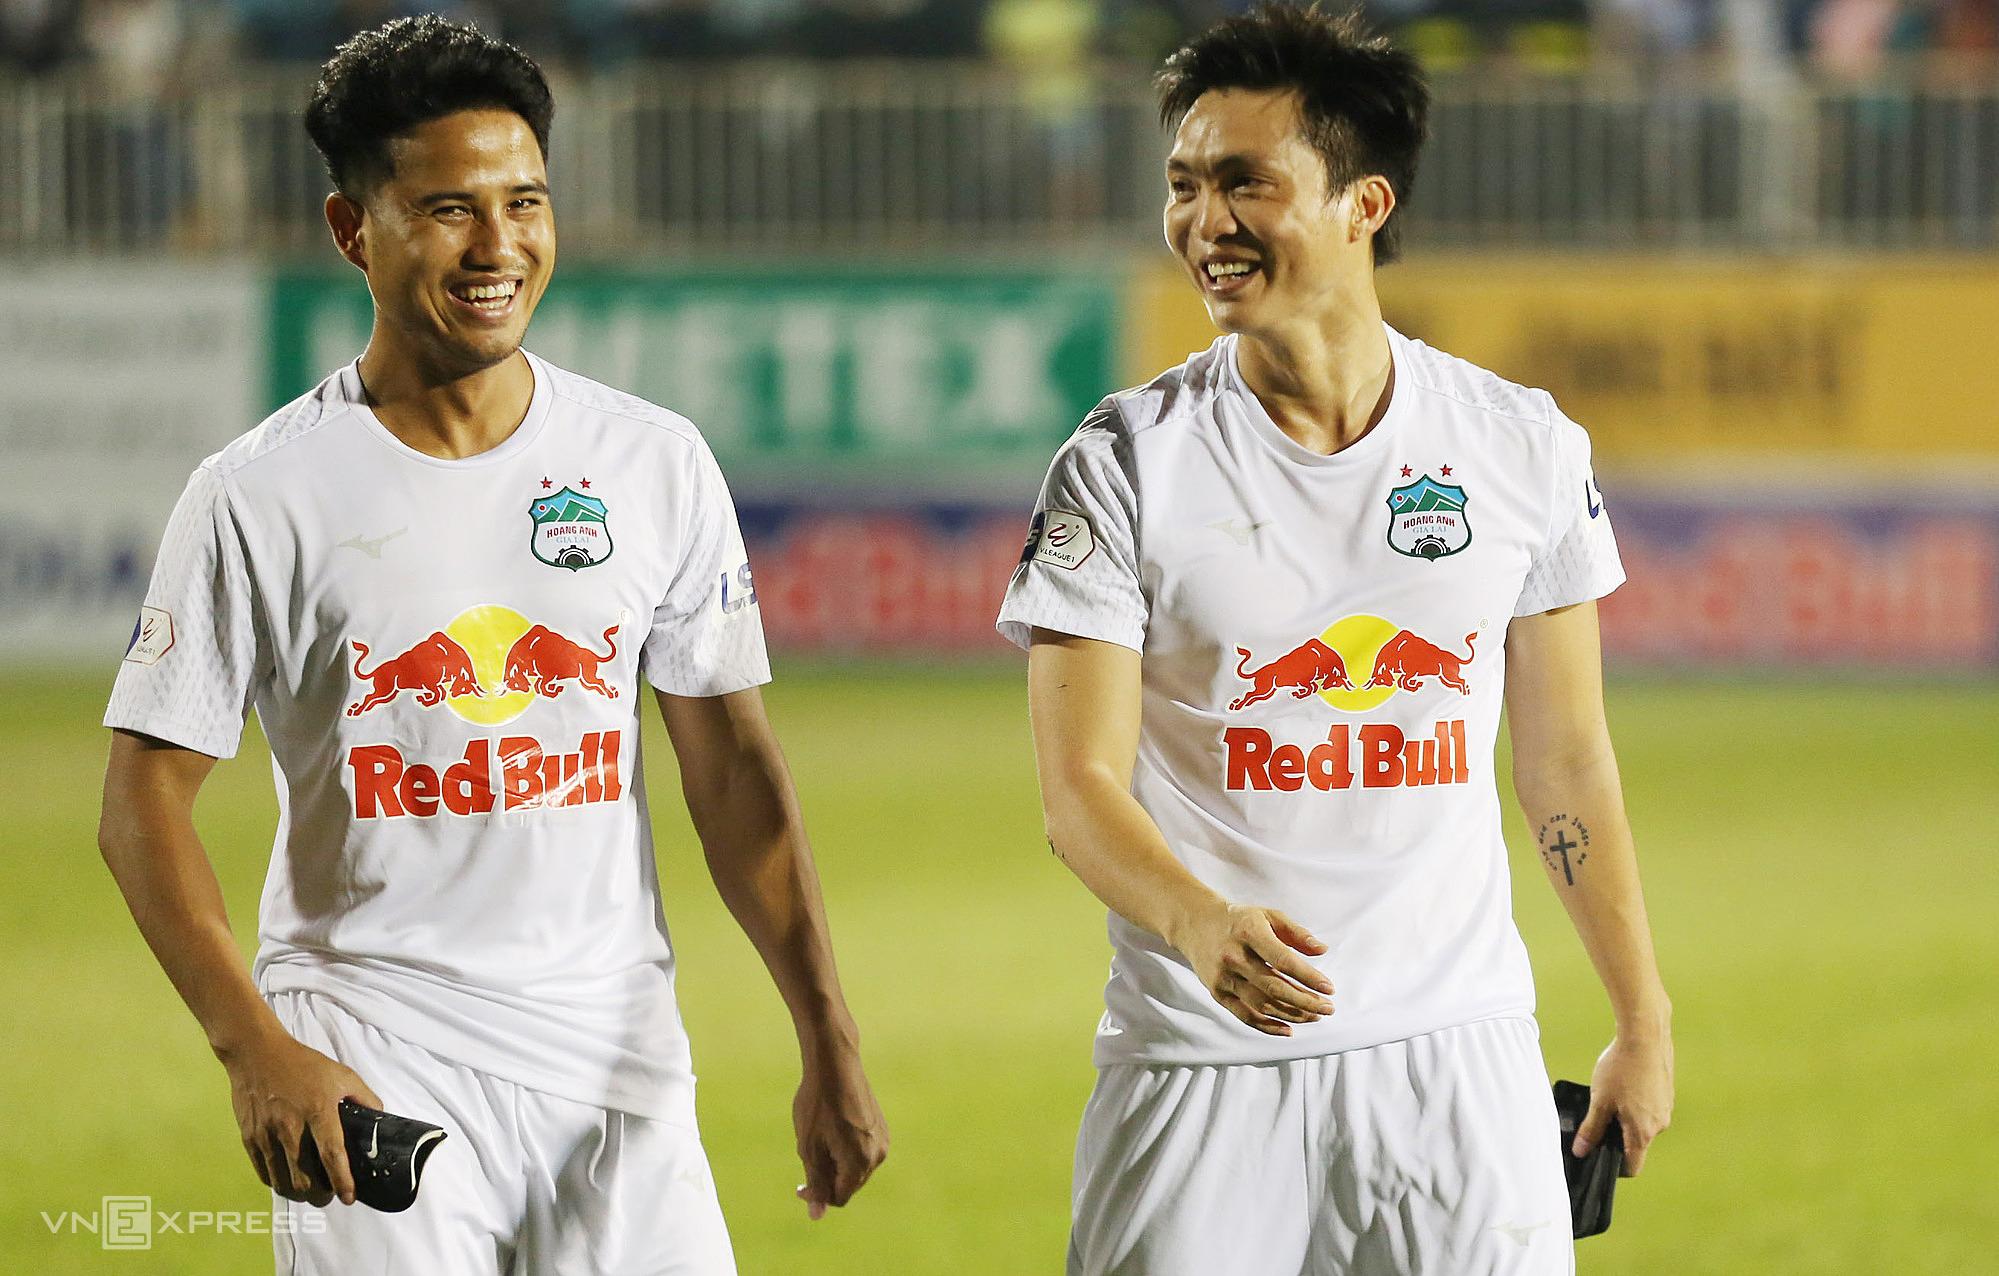 Sebelumnya An Giang diremehkan, tapi Duc Luong dan Tuan Anh bisa digunakan oleh Kiatisuk untuk menemukan perasaan bermain lagi.  Foto: Duc Dong.